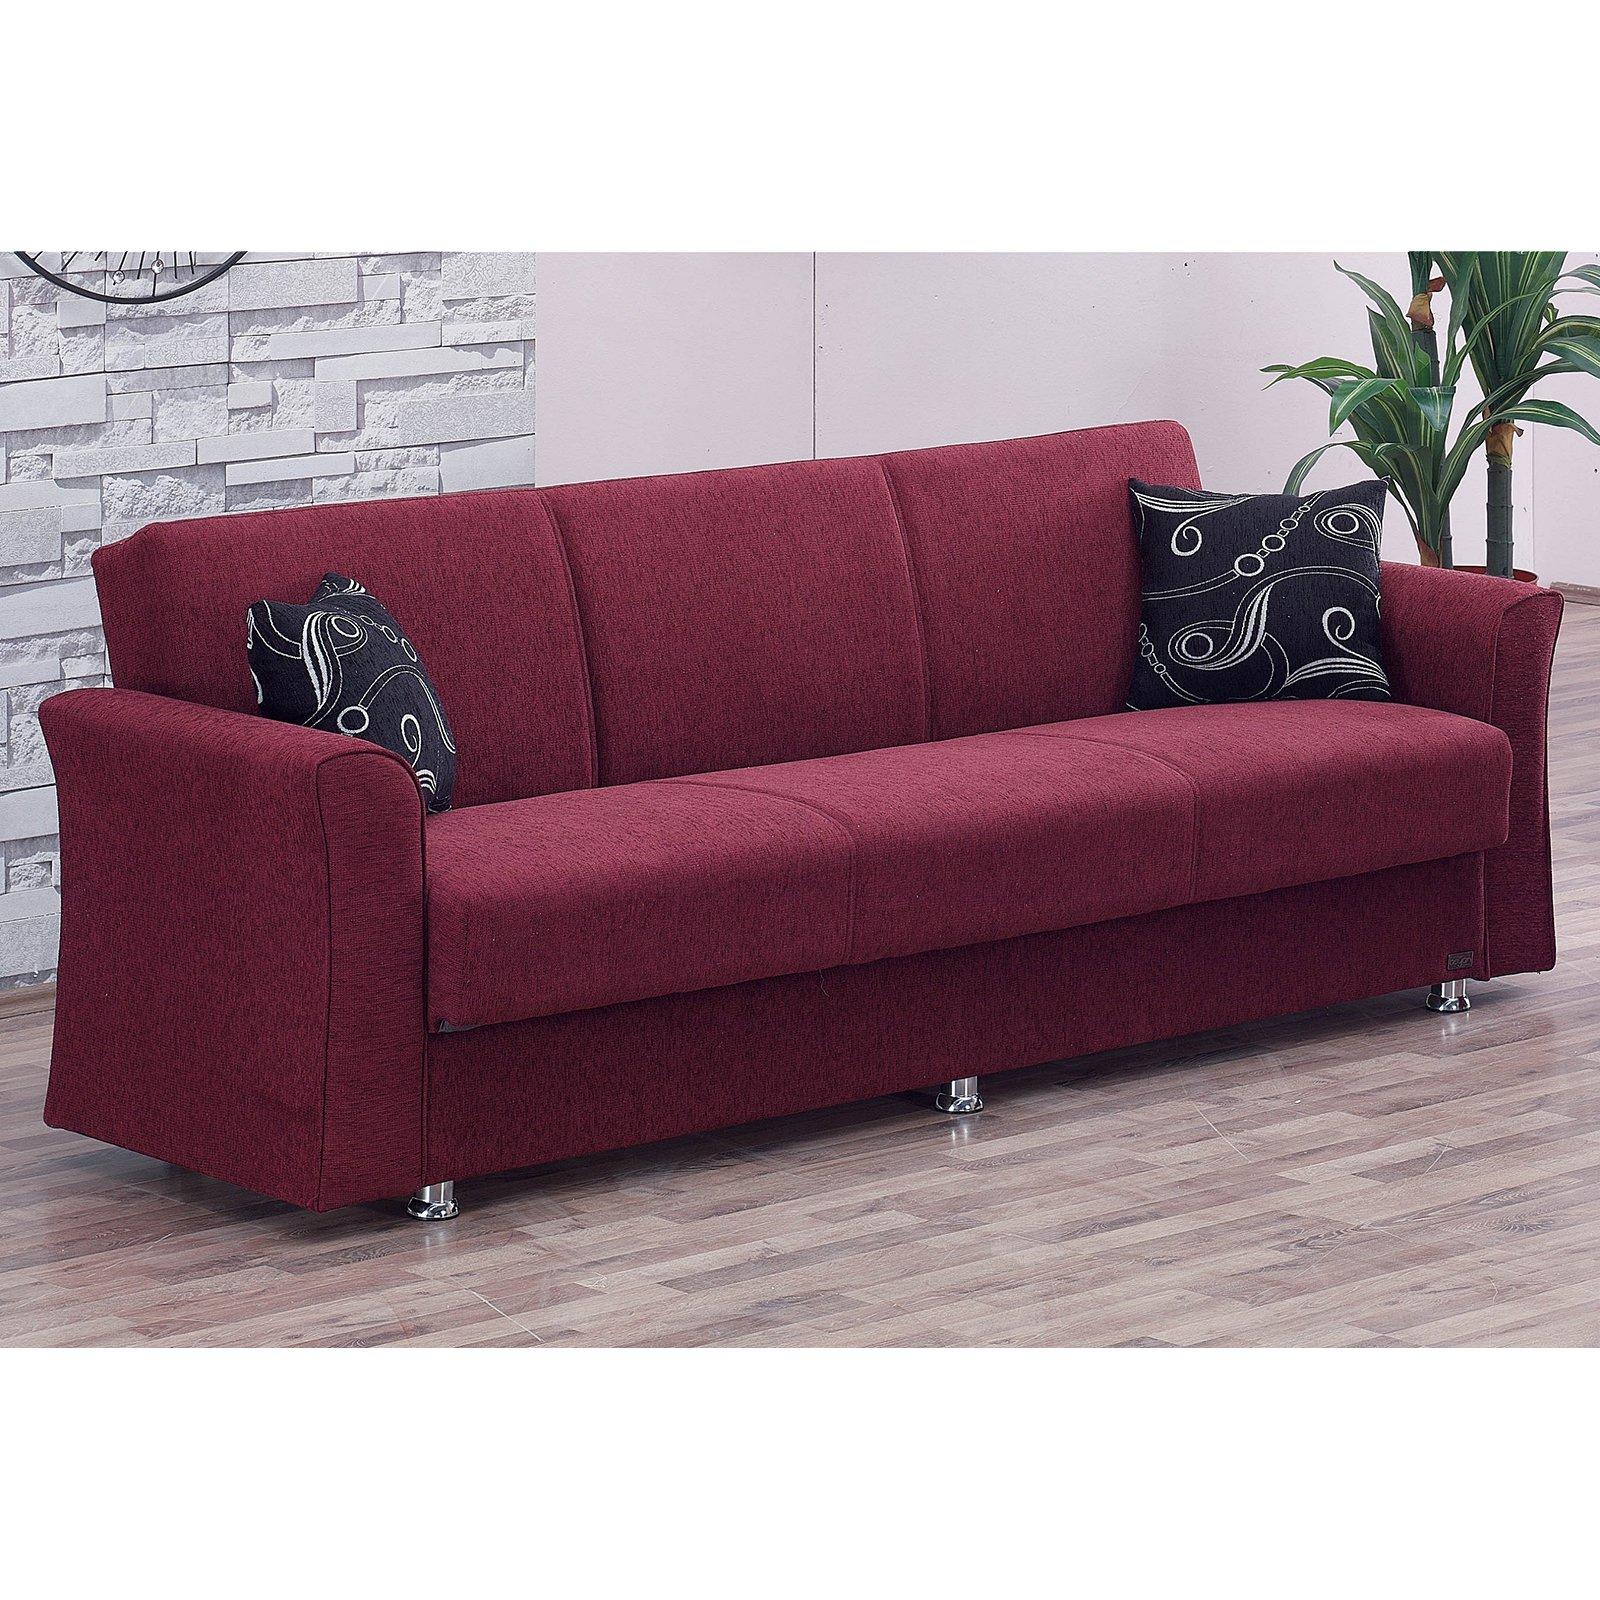 Empire Furniture USA Ohio Convertible Sofa